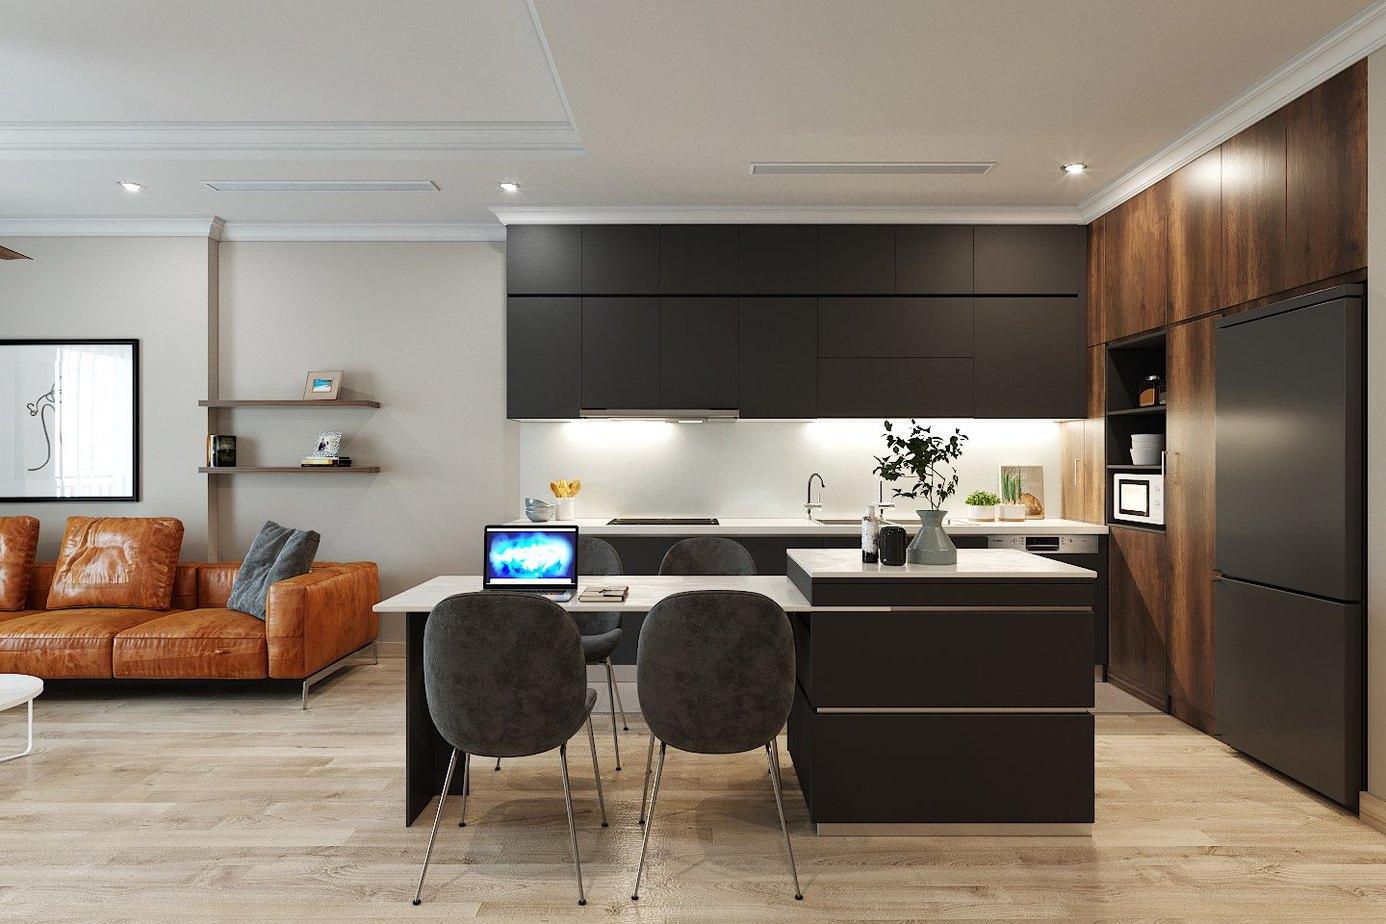 Phòng bếp sử dụng bàn đảo vừa để đồ trang trí như lọ hoa… vừa làm bàn ăn và bàn làm việc khi cần giúp tiết kiệm diện tích